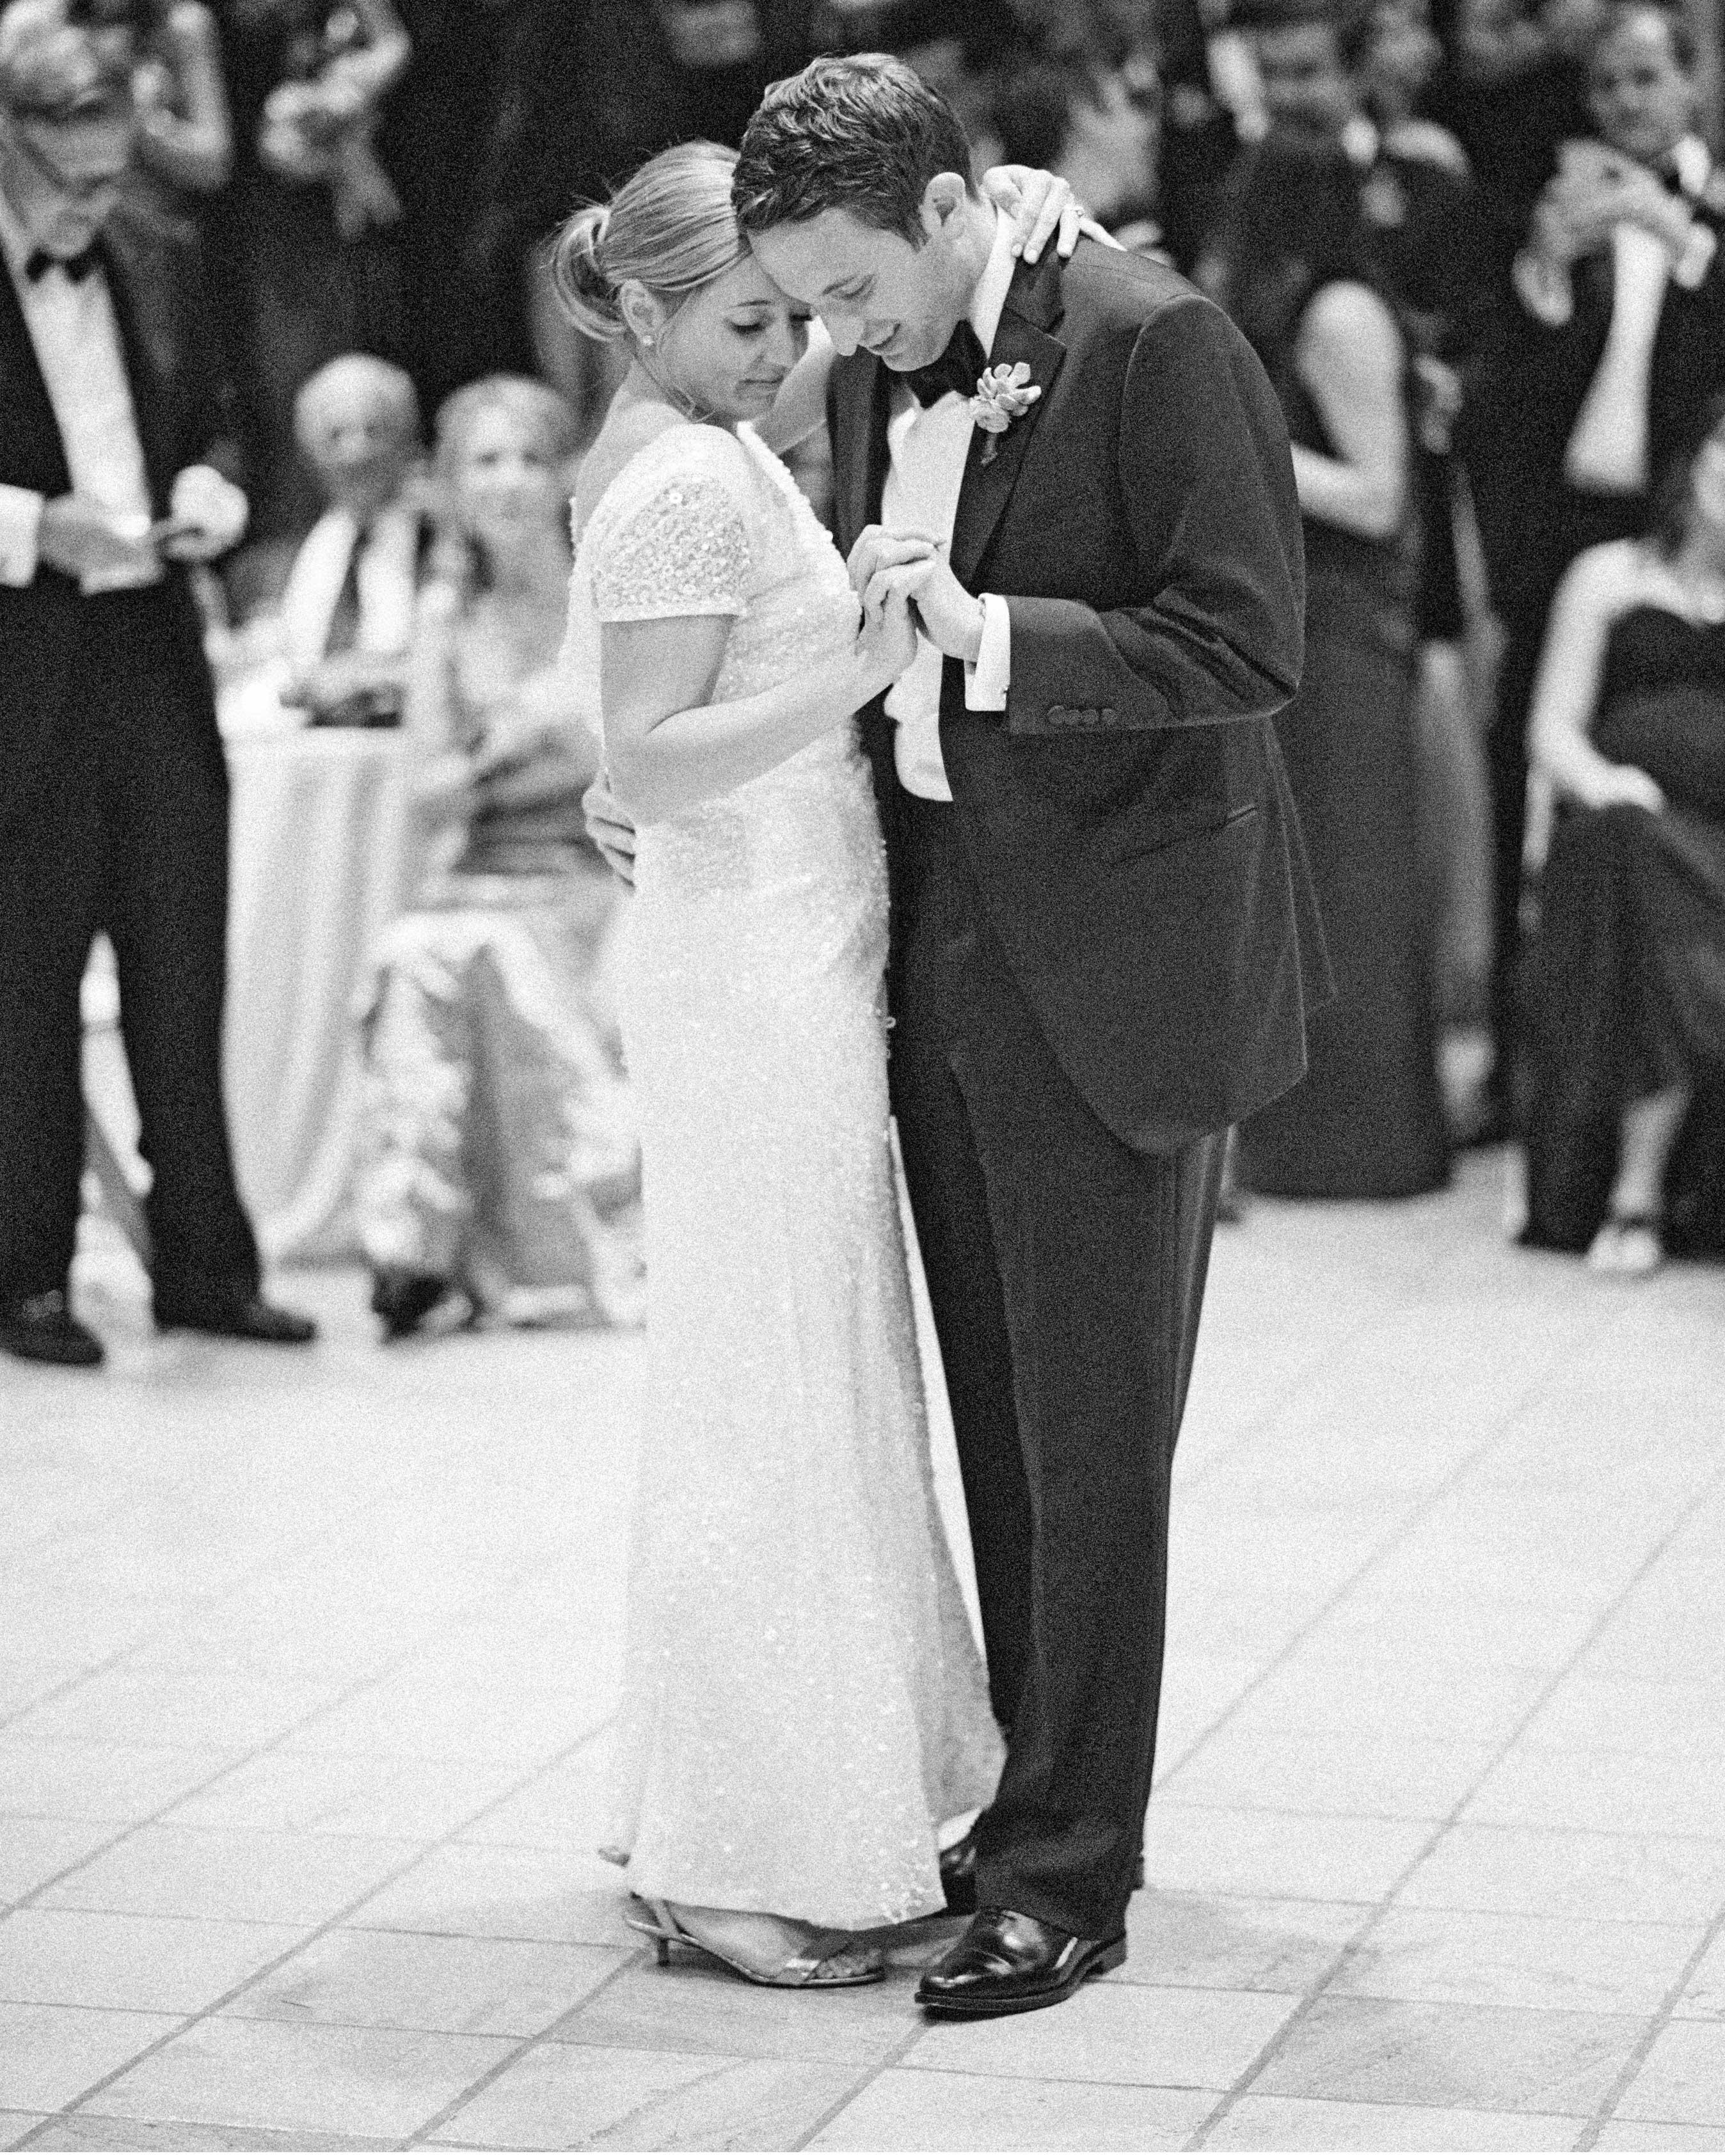 addie alex wedding first dance